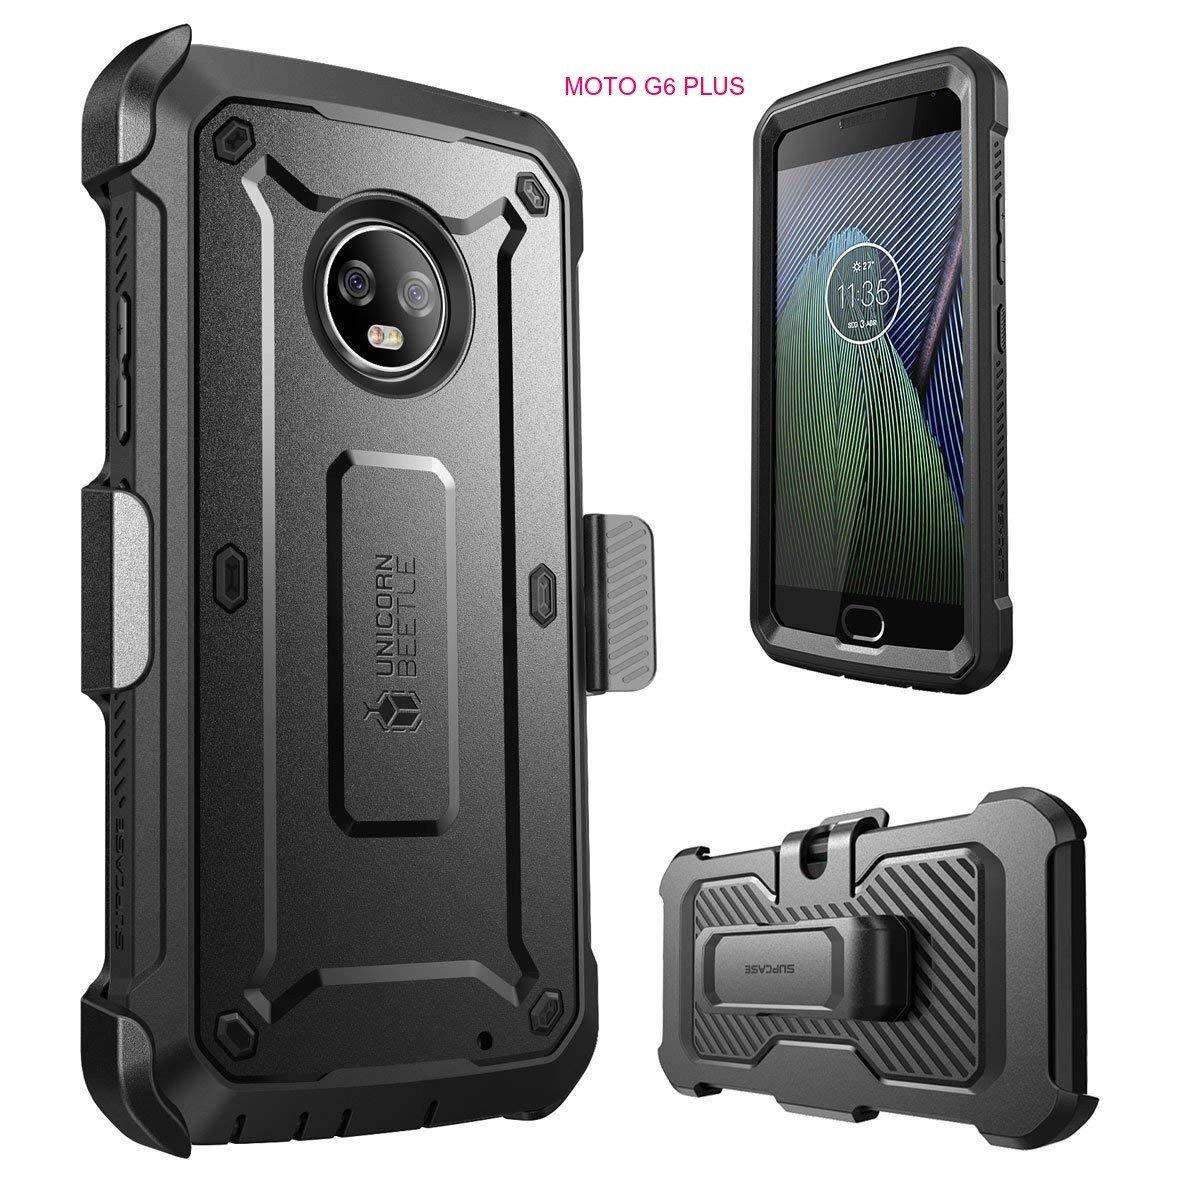 Case Moto G6 Plus Armadura Supcase Pro Carcasa 360 c/ Mica c/ Gancho